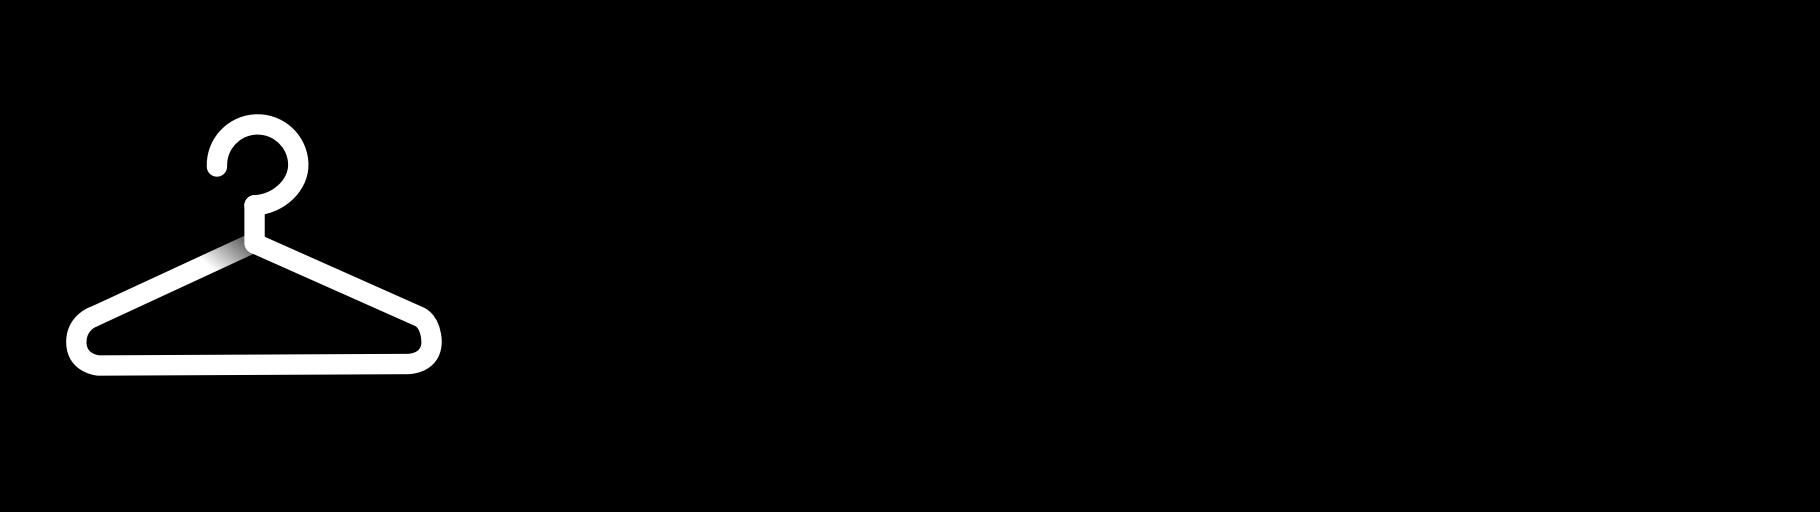 klothed-logo.png